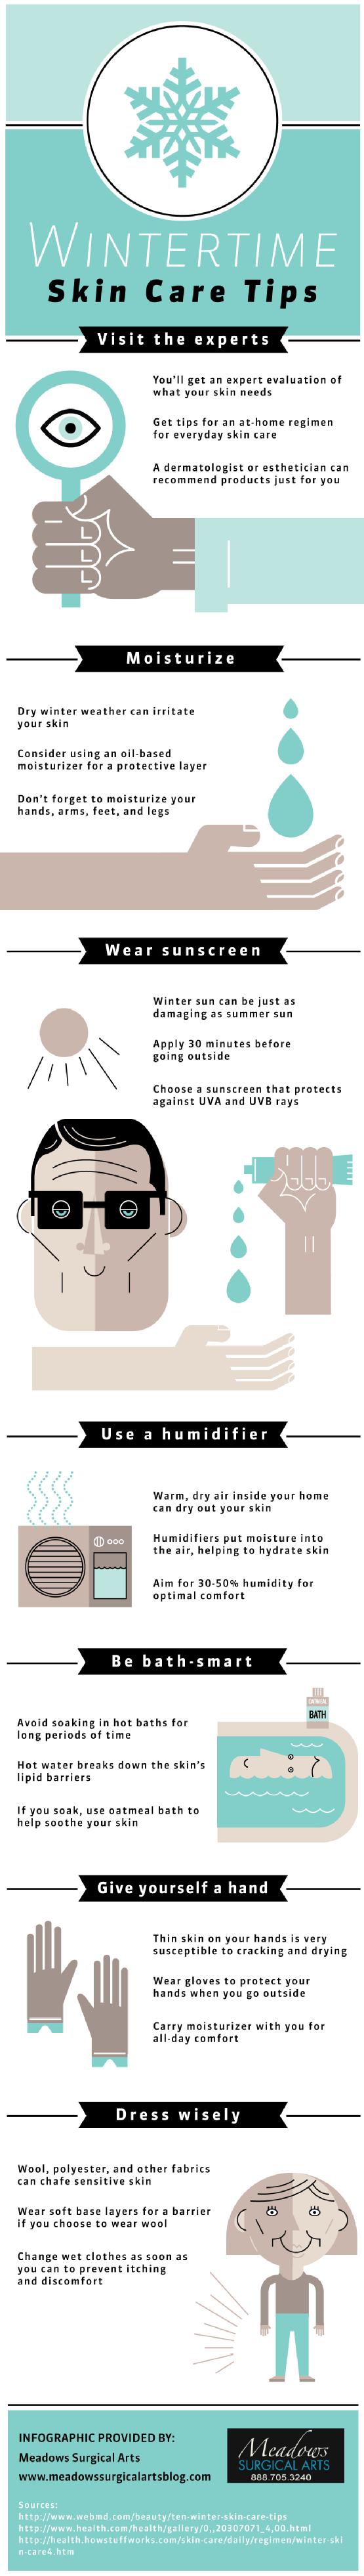 Cold Weather Skin Care Checklist